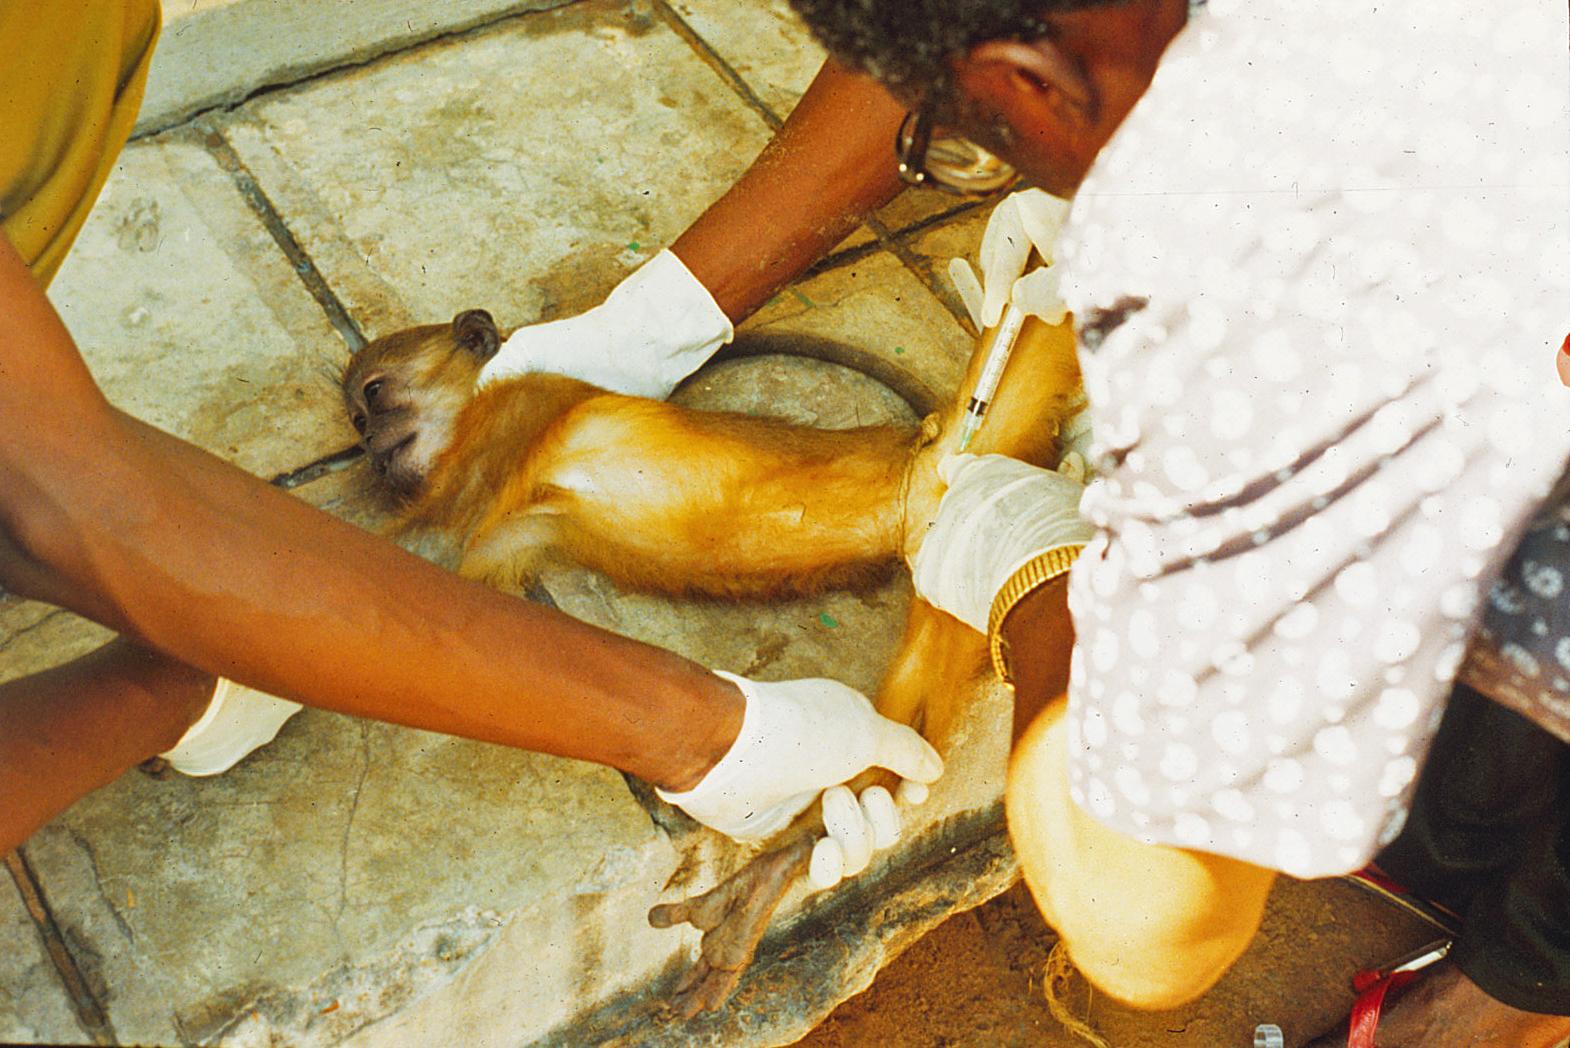 Testing-monkey-for-Ebola-in-Kikwit--GARR-(deleted-4db4e317-91b195-d4f4a8dd).jpg